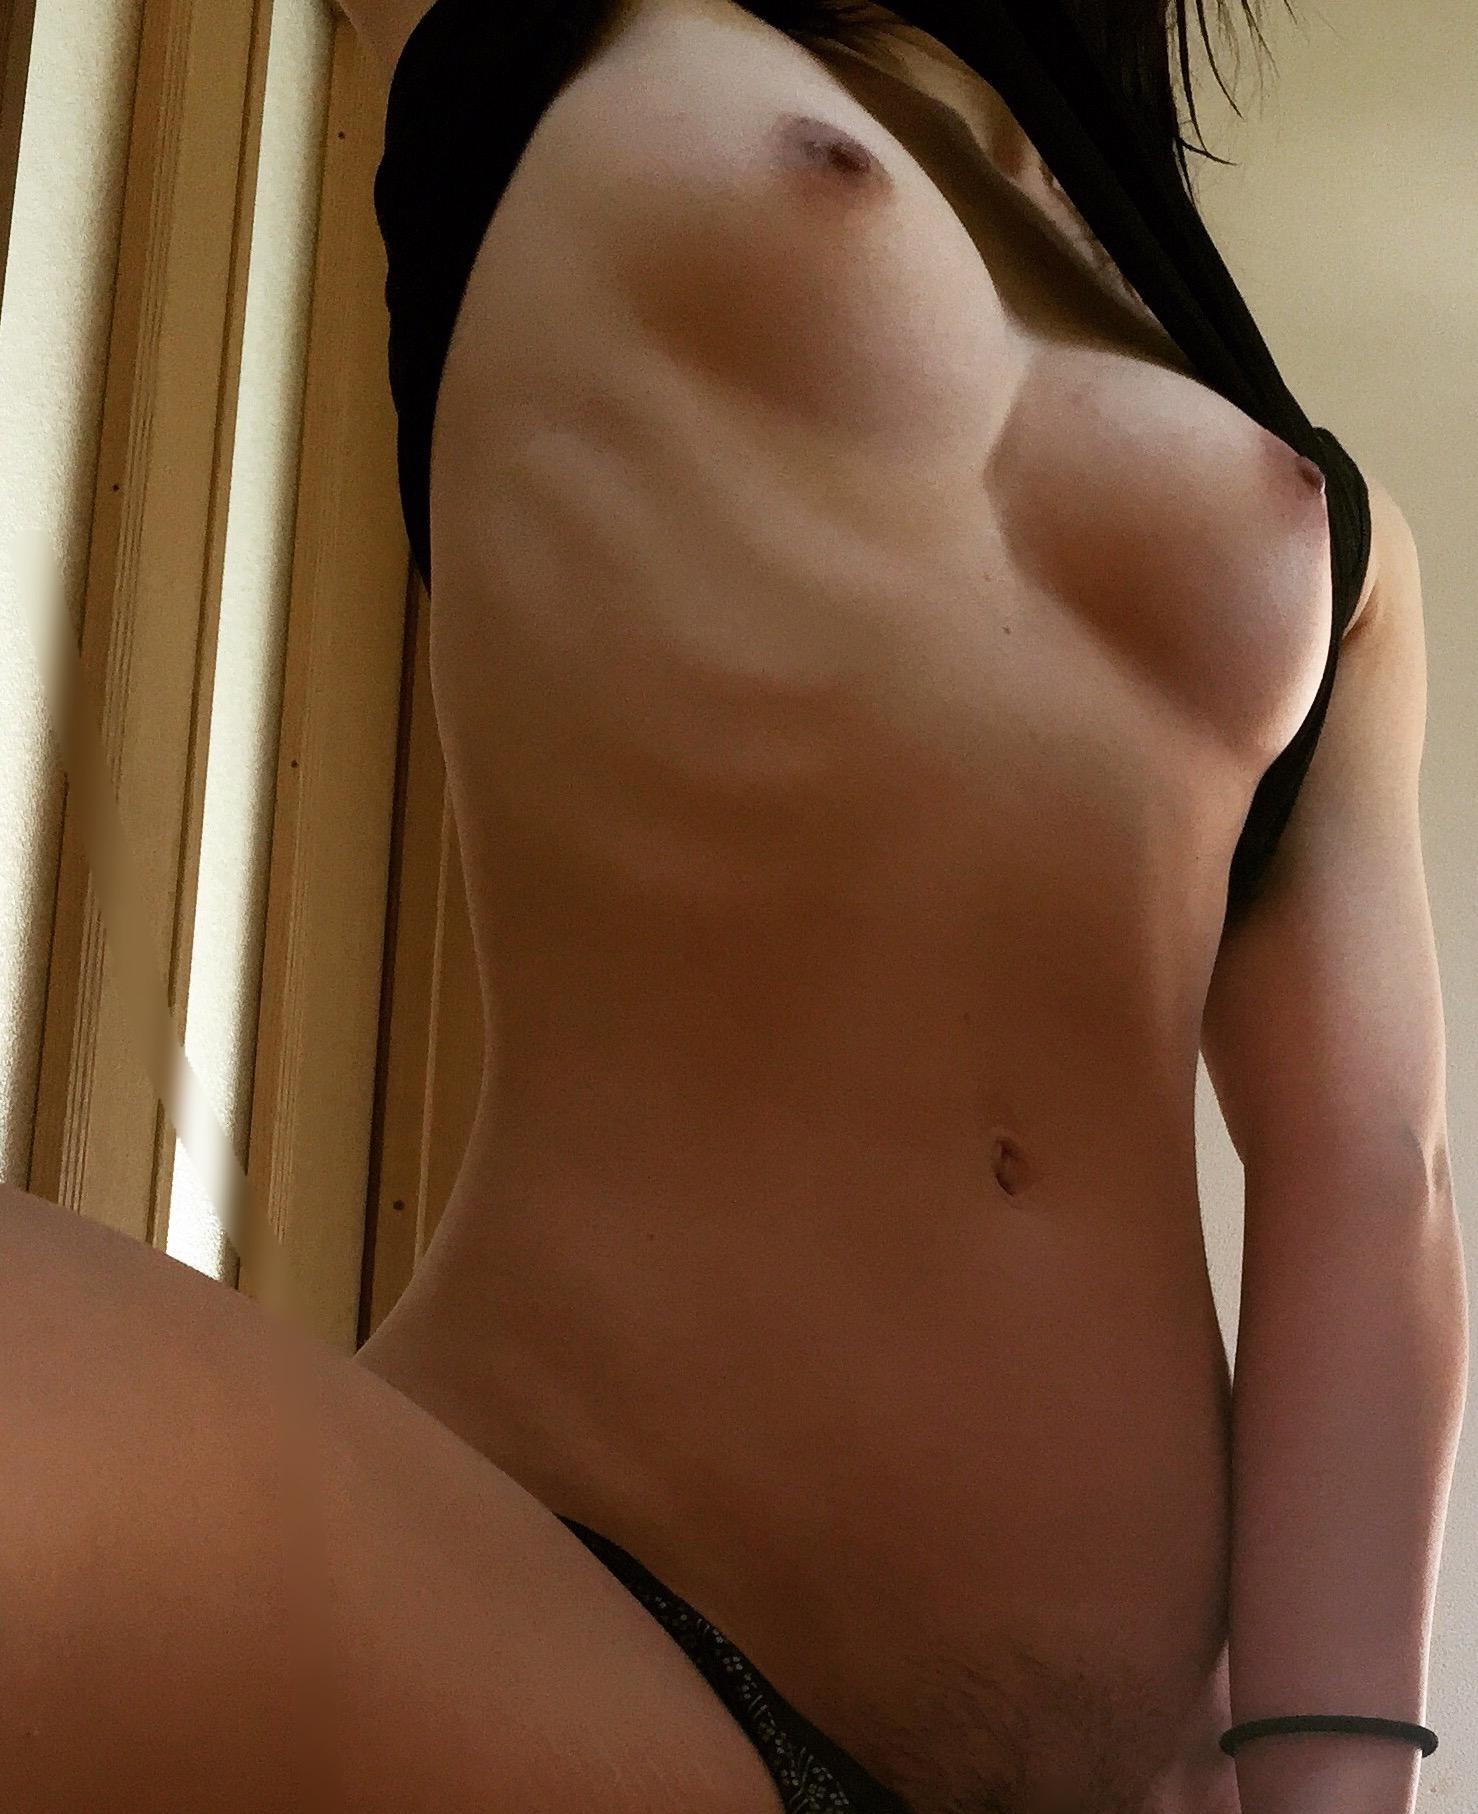 【自撮りエロ画像】寂しい深夜に嬉しい美乳写メくれる女神様マジ天使www 20